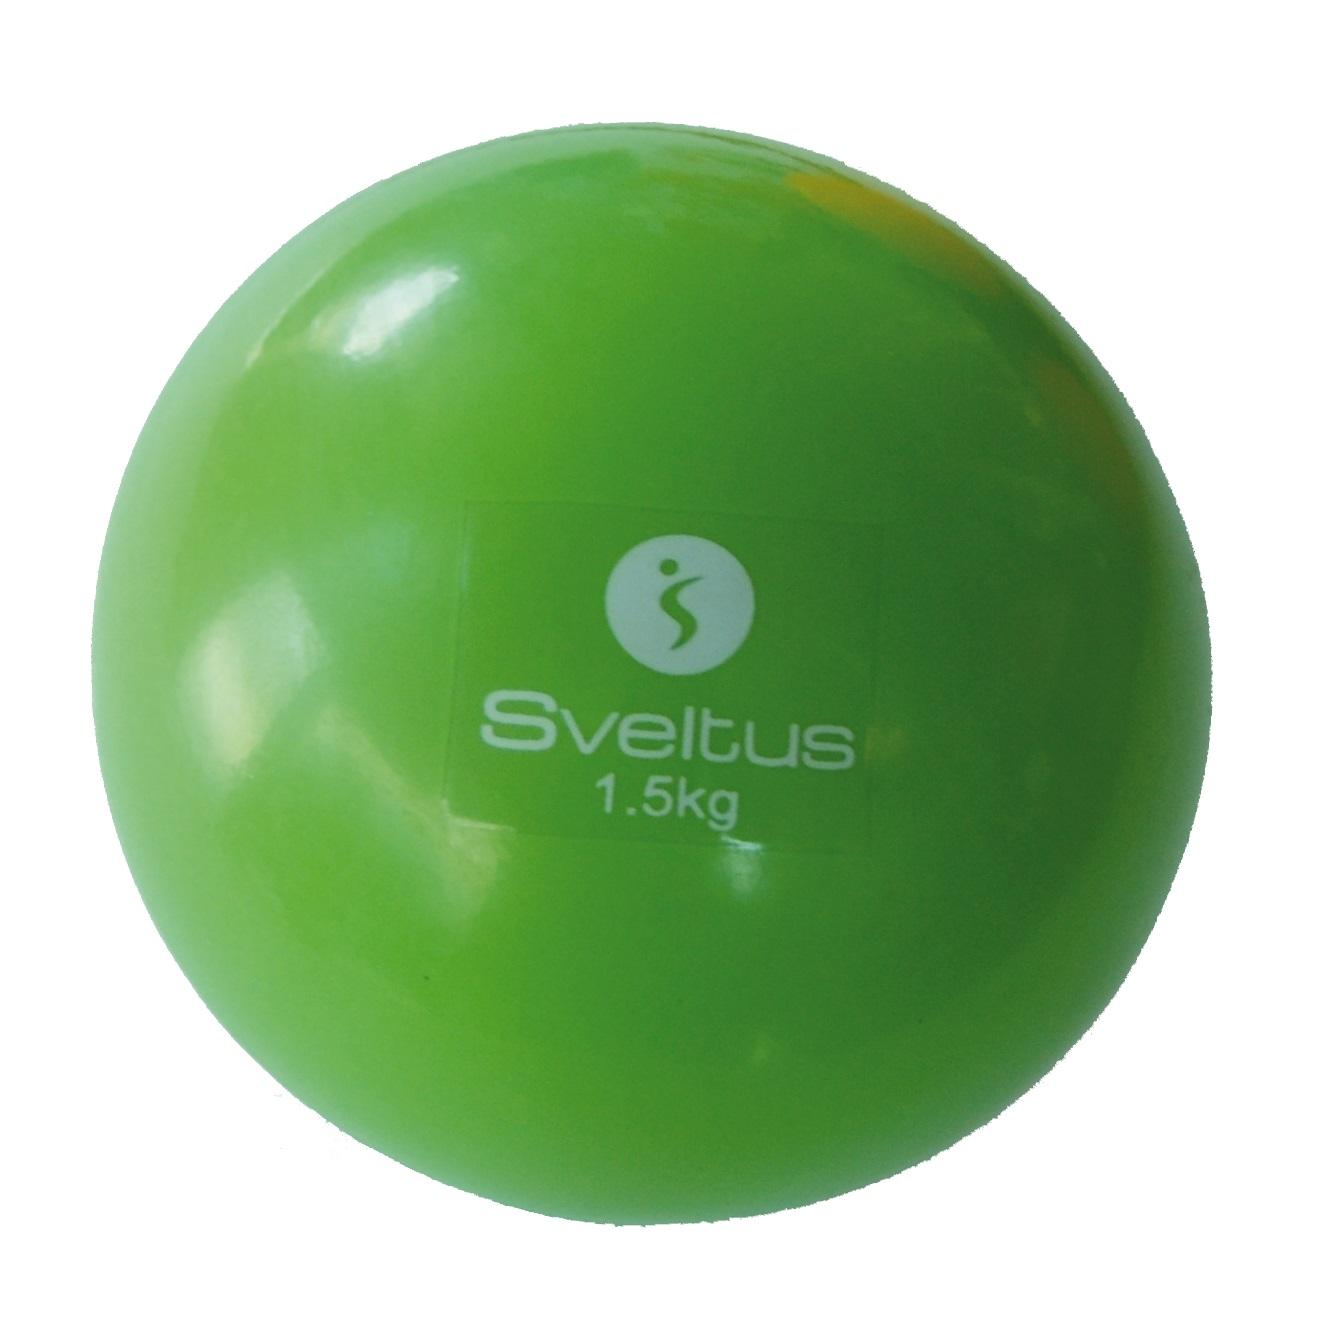 Sveltus Balle lestée 1,5 kg